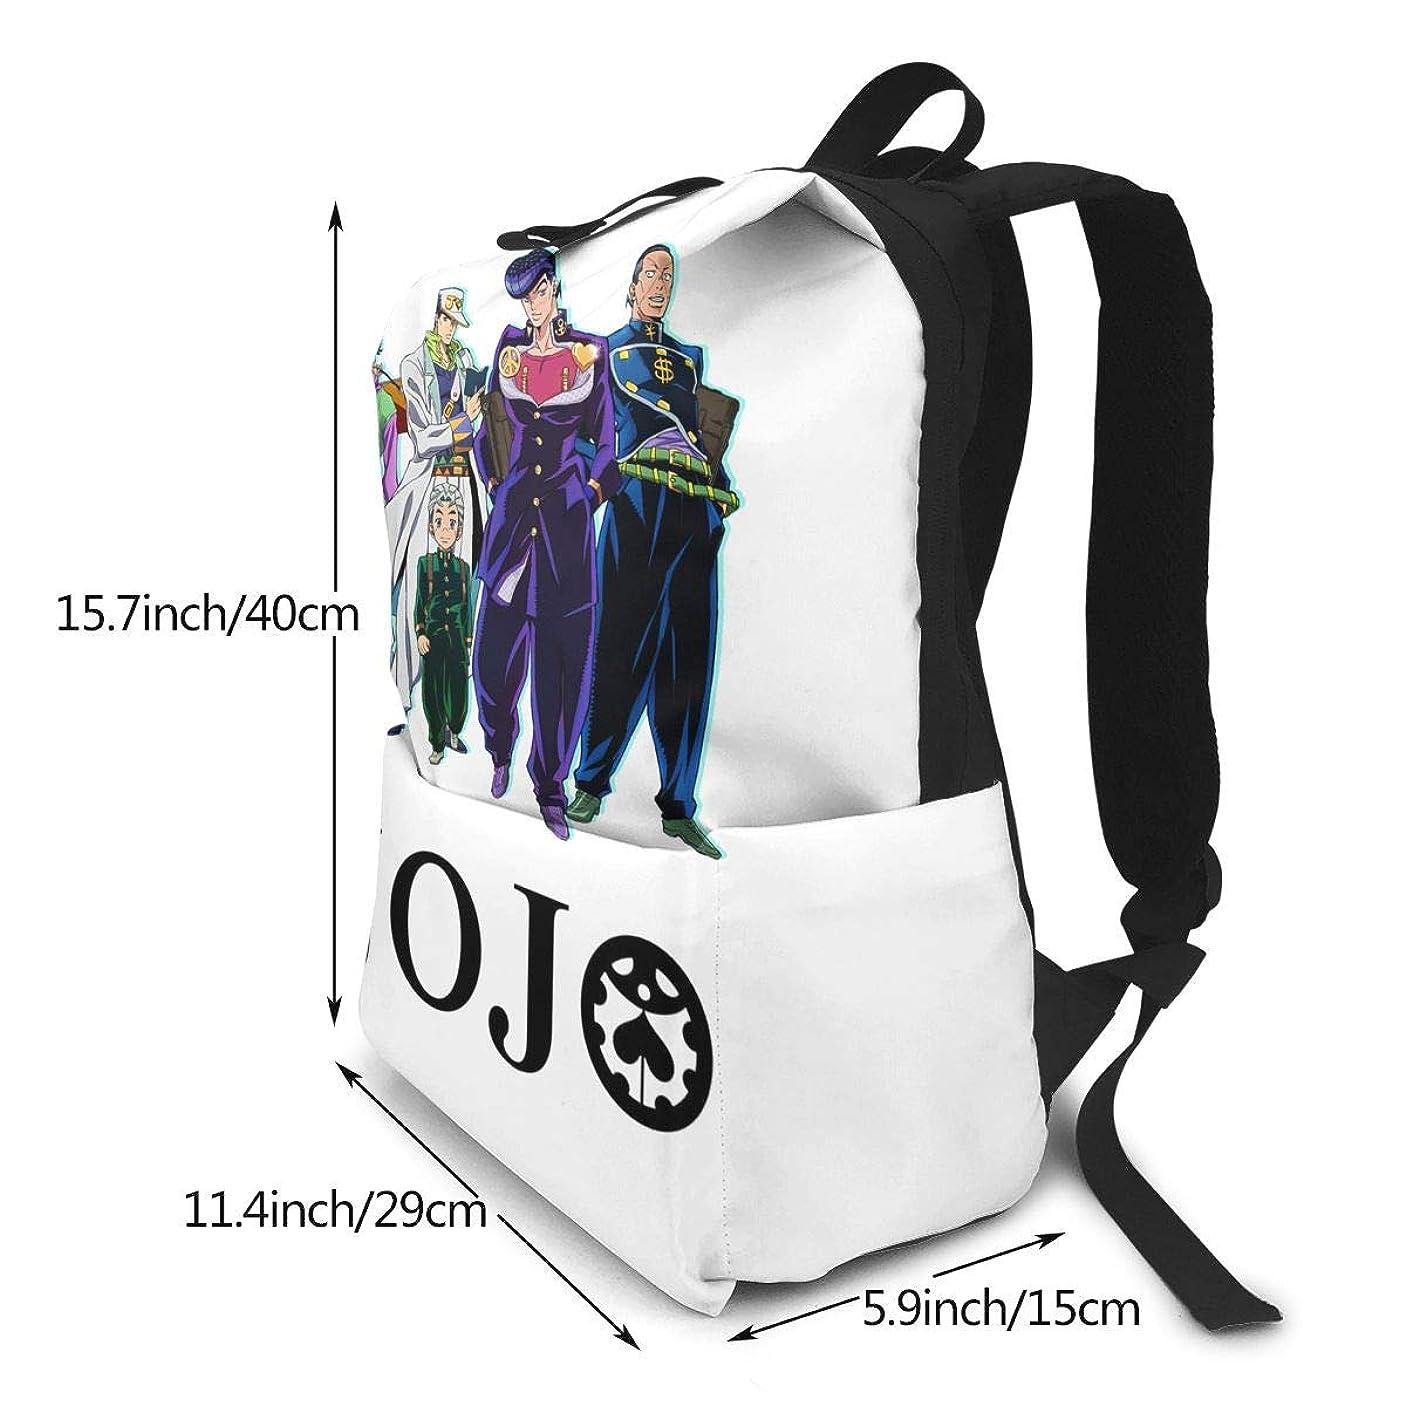 項目尊敬せせらぎ双肩バッグ リュックサック Jojos Bizarre Adventure ジョジョの奇妙な冒険 バックパック Schoolbag 大容量 通学 中学生かばん リュック スクエアリュック 男女子高校生 バック 通学 通勤 40X29X15(Cm)